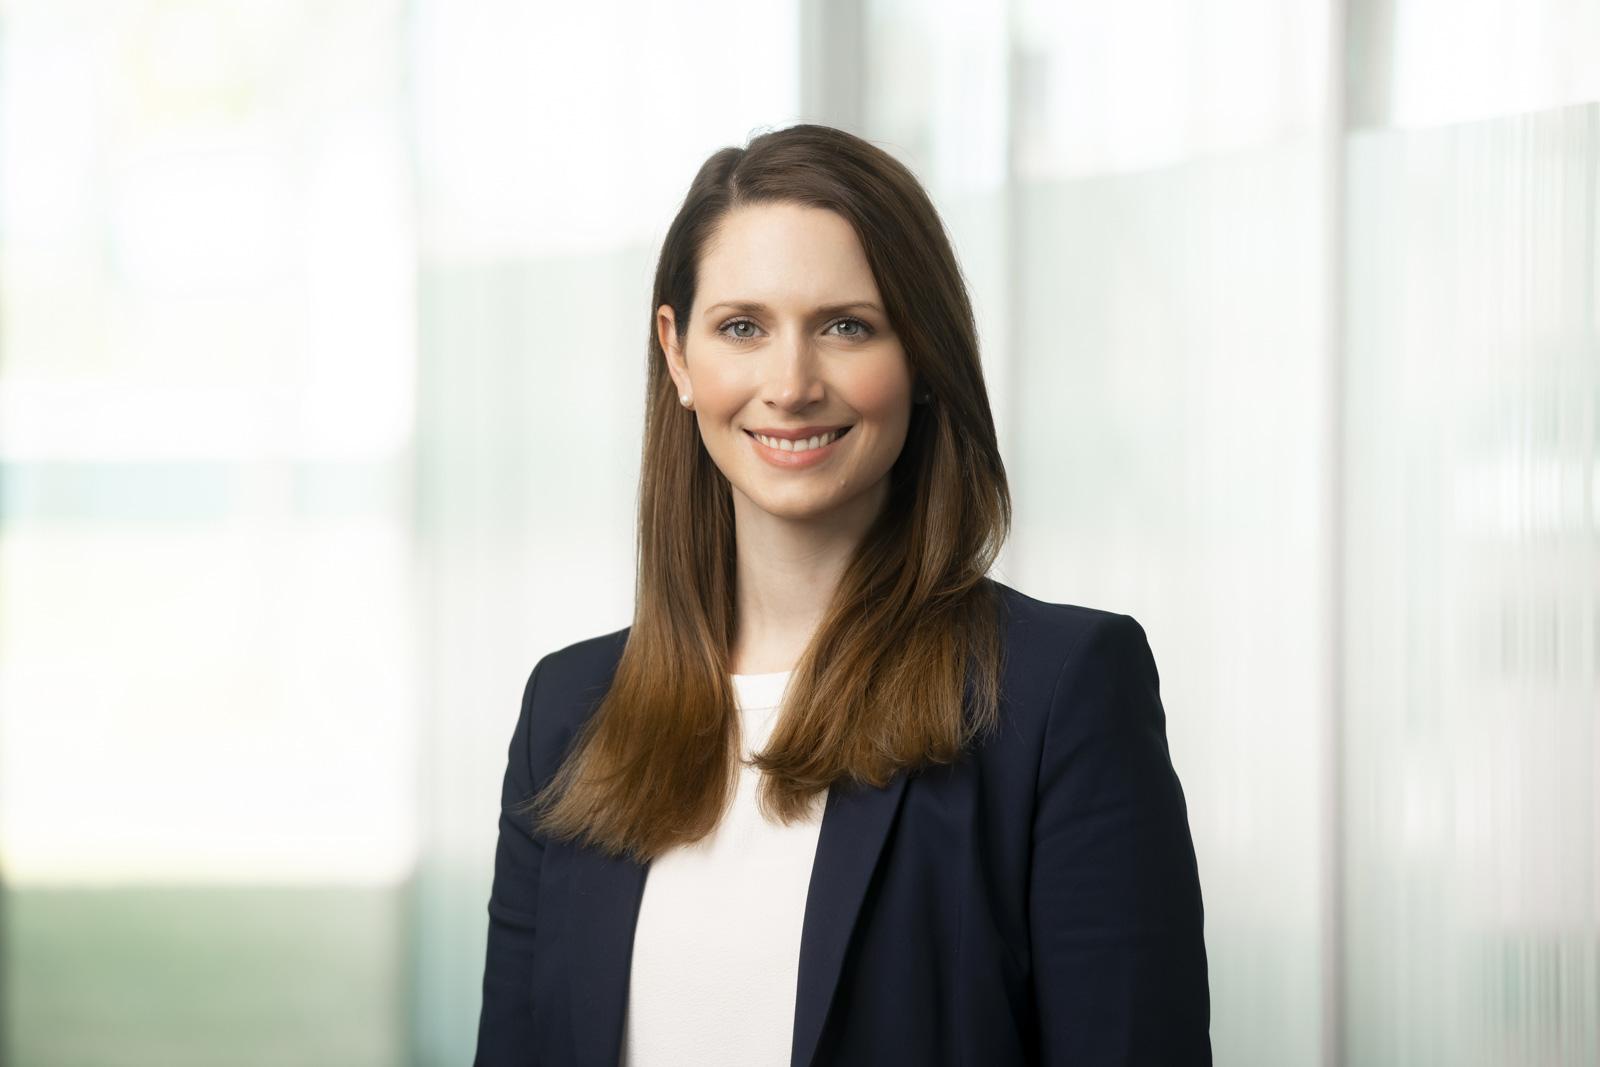 Katharina Nordmeyer